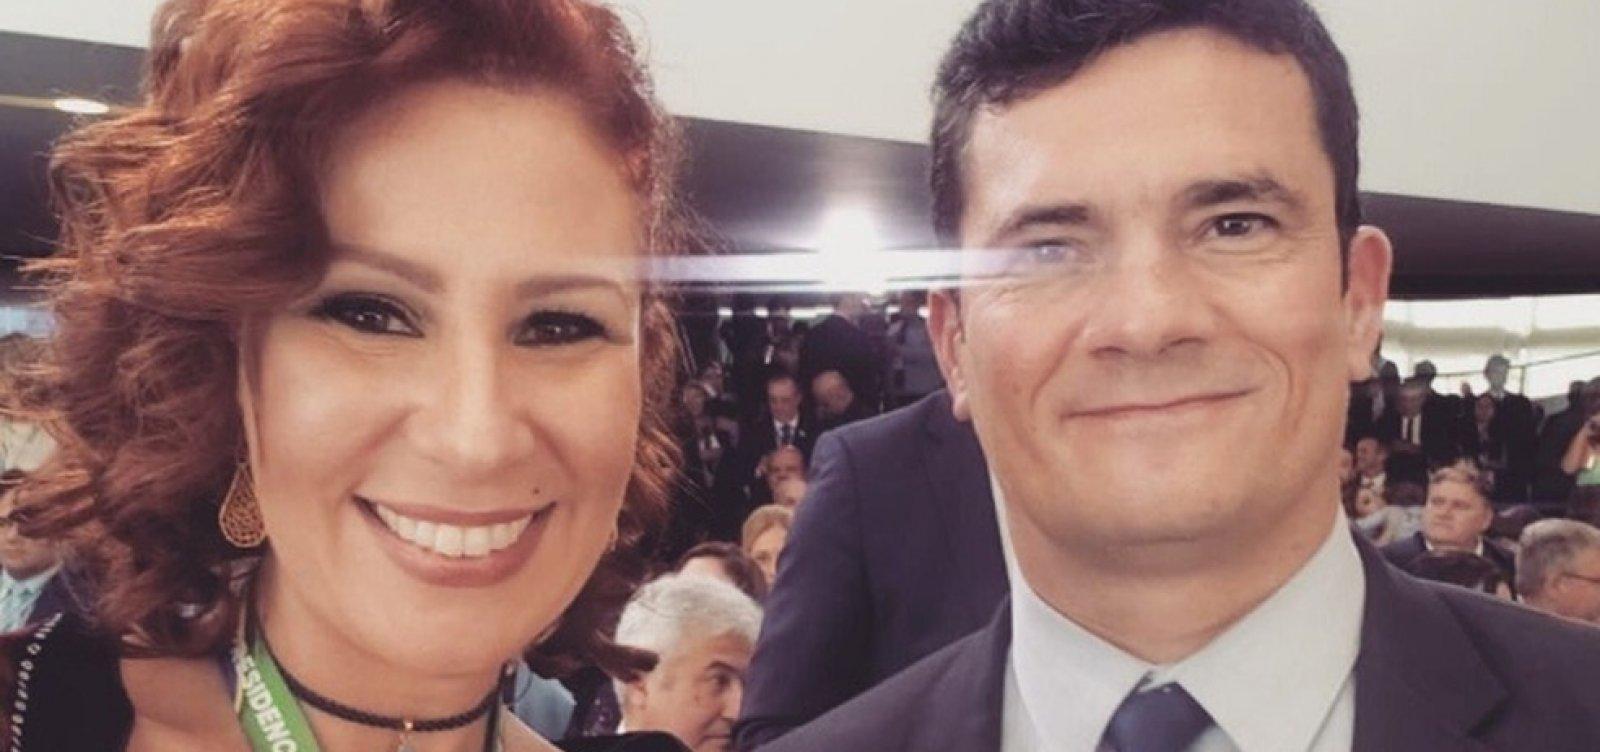 [Deputada propôs a Moro acertar com Bolsonaro vaga de ministro no STF: ele 'vai cair se o sr. sair']